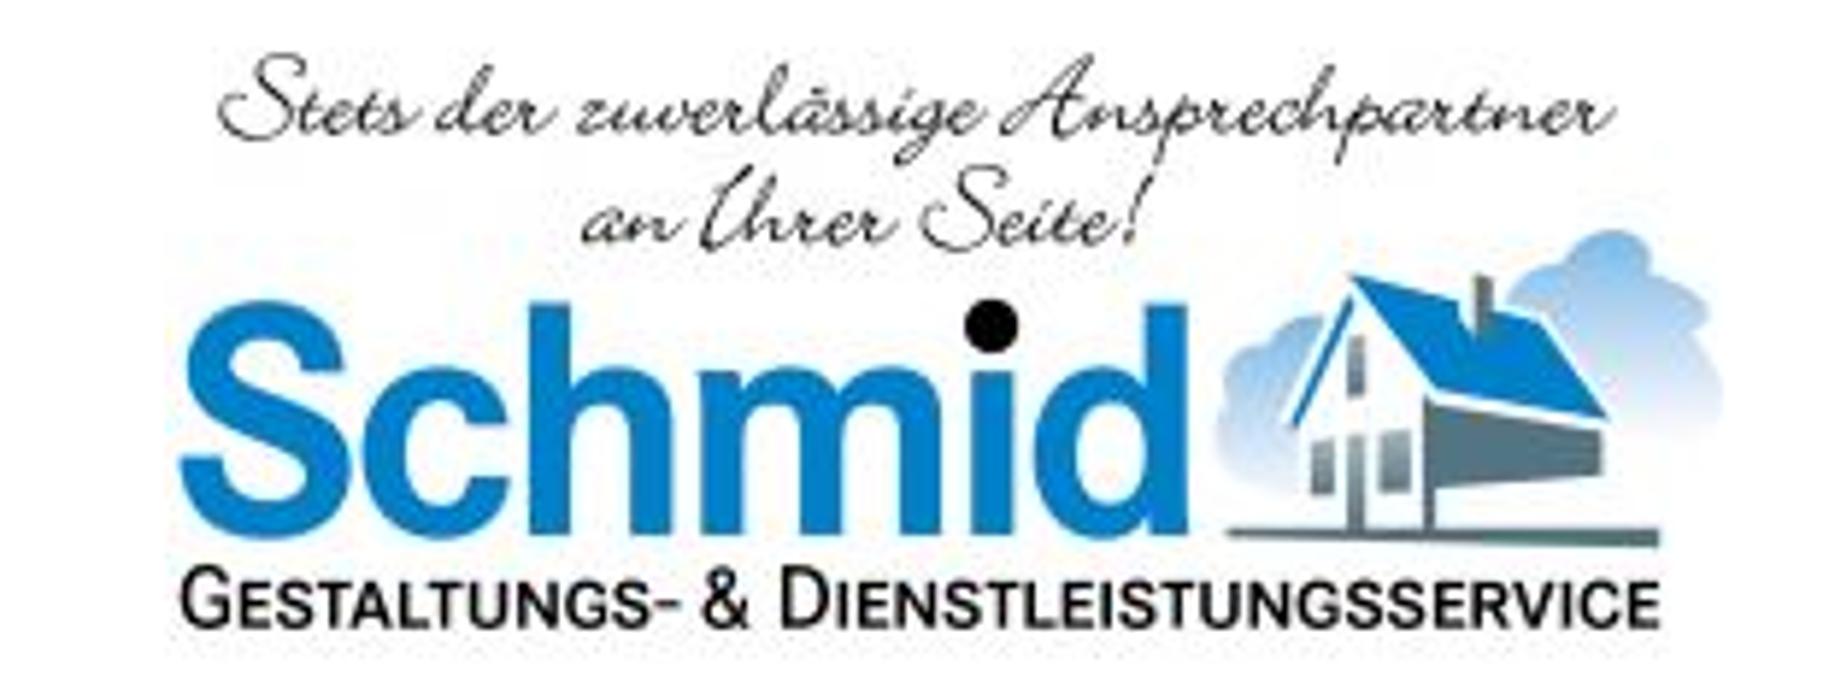 Bild zu Schmid Gestaltungs- & Dienstleistungsservice in Neutraubling